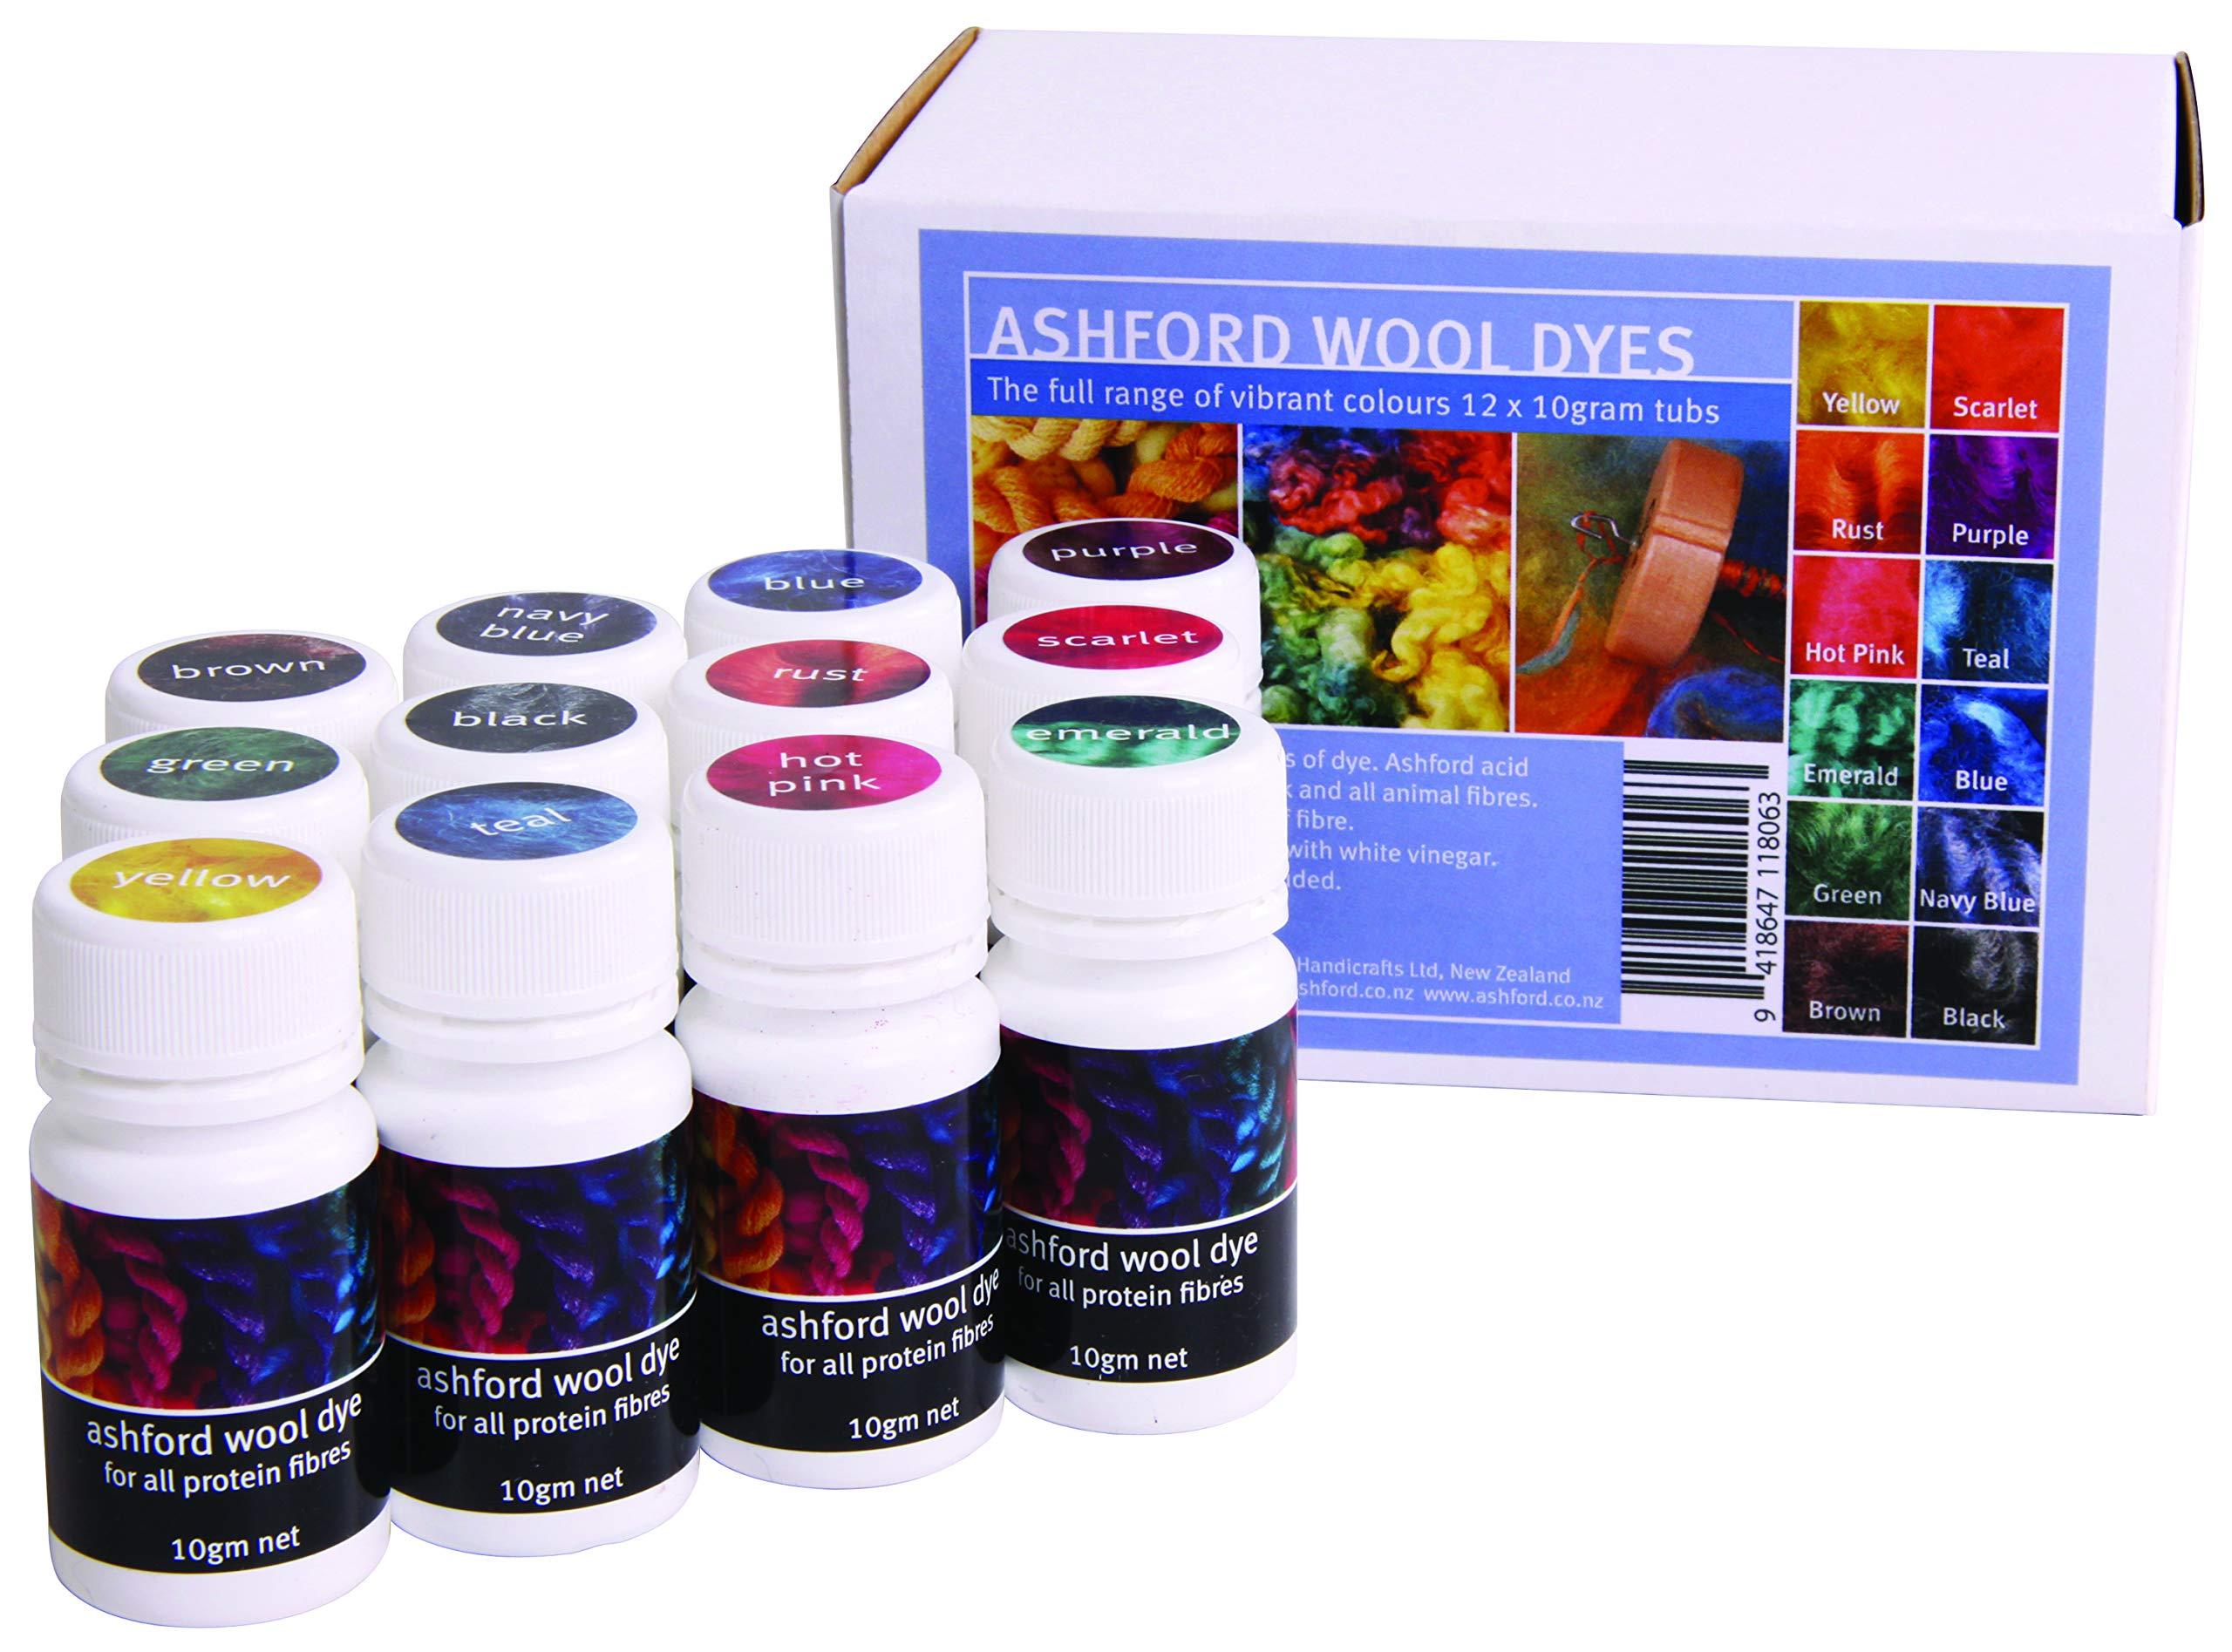 Ashford Wool Dye Collection Kit by Ashford